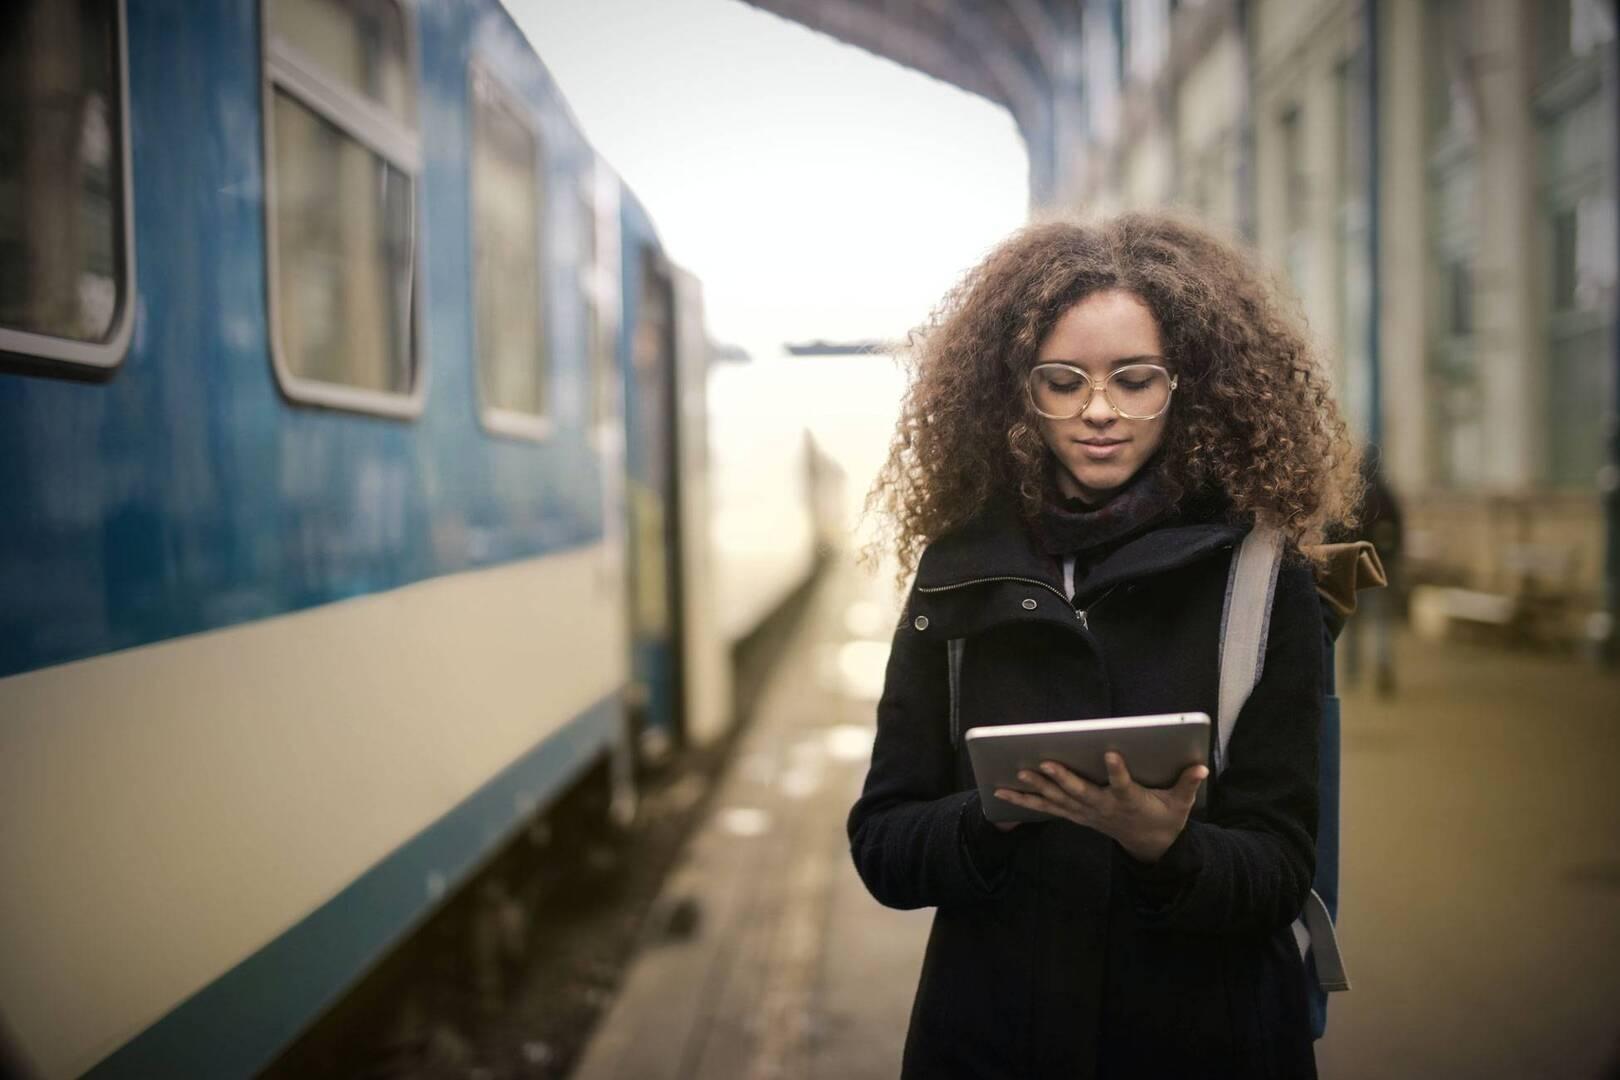 woman in black coat walking near train